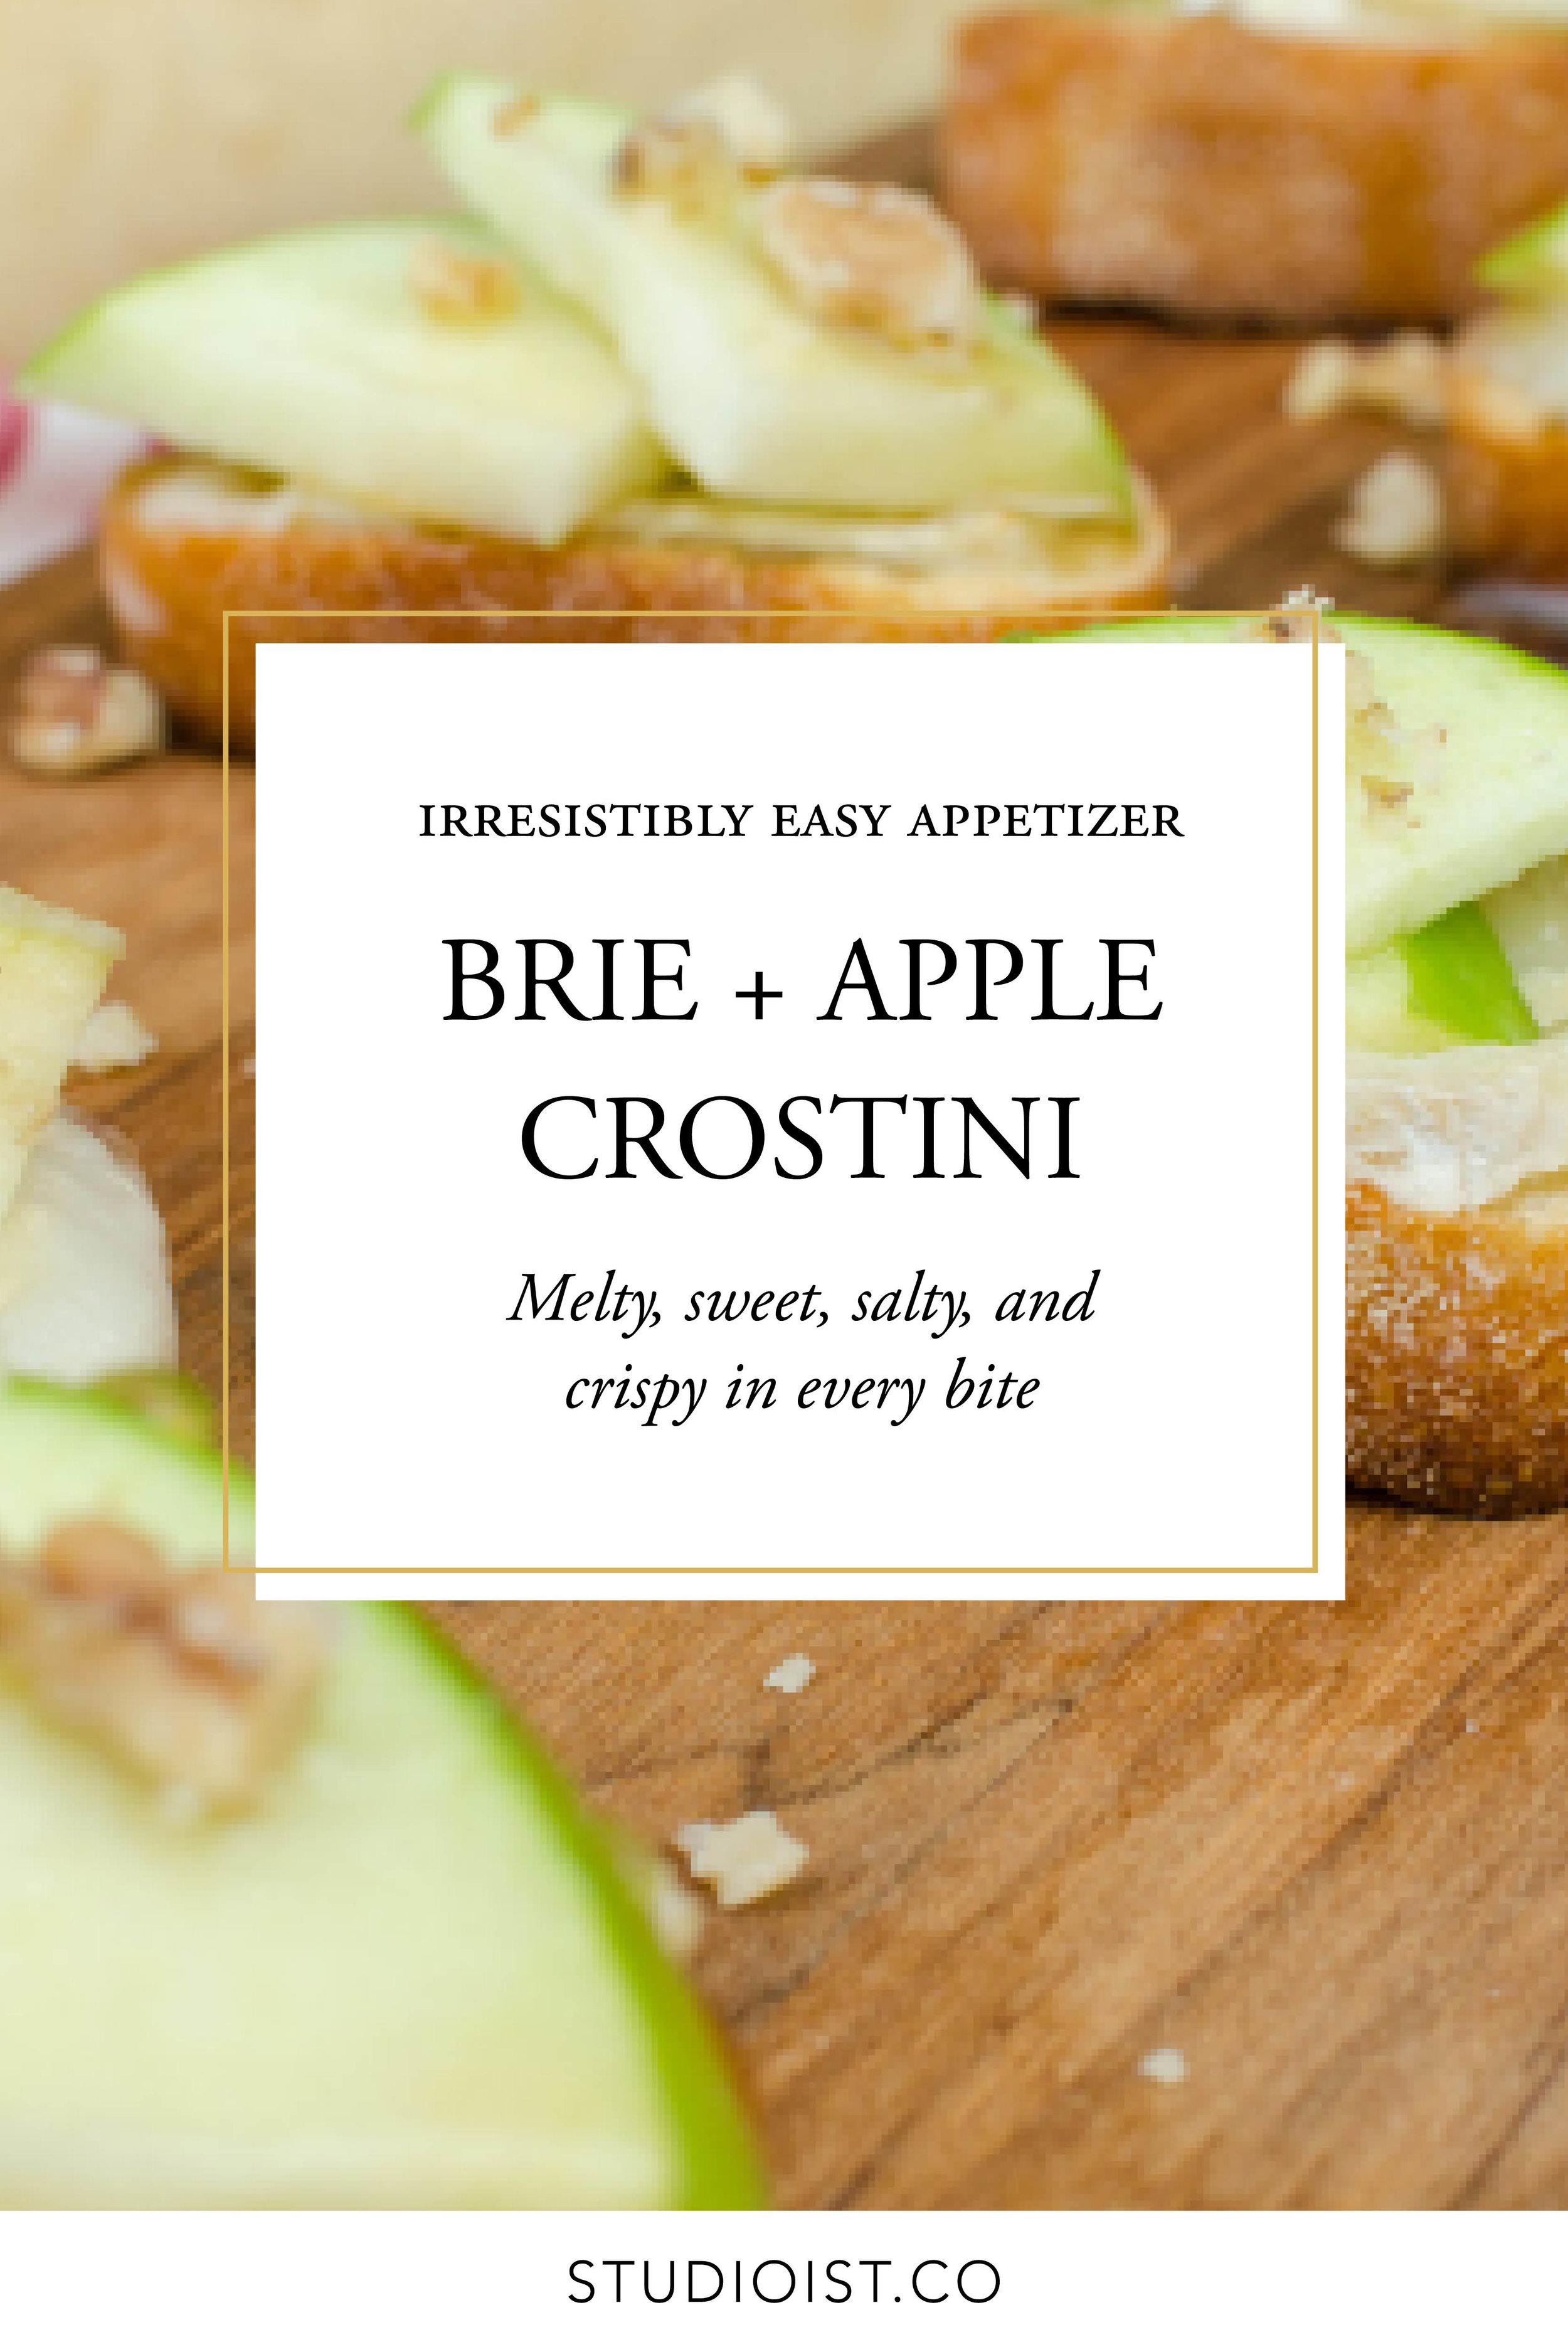 Studioist_Pinterest Design_Brie-Apple Crostini.jpg